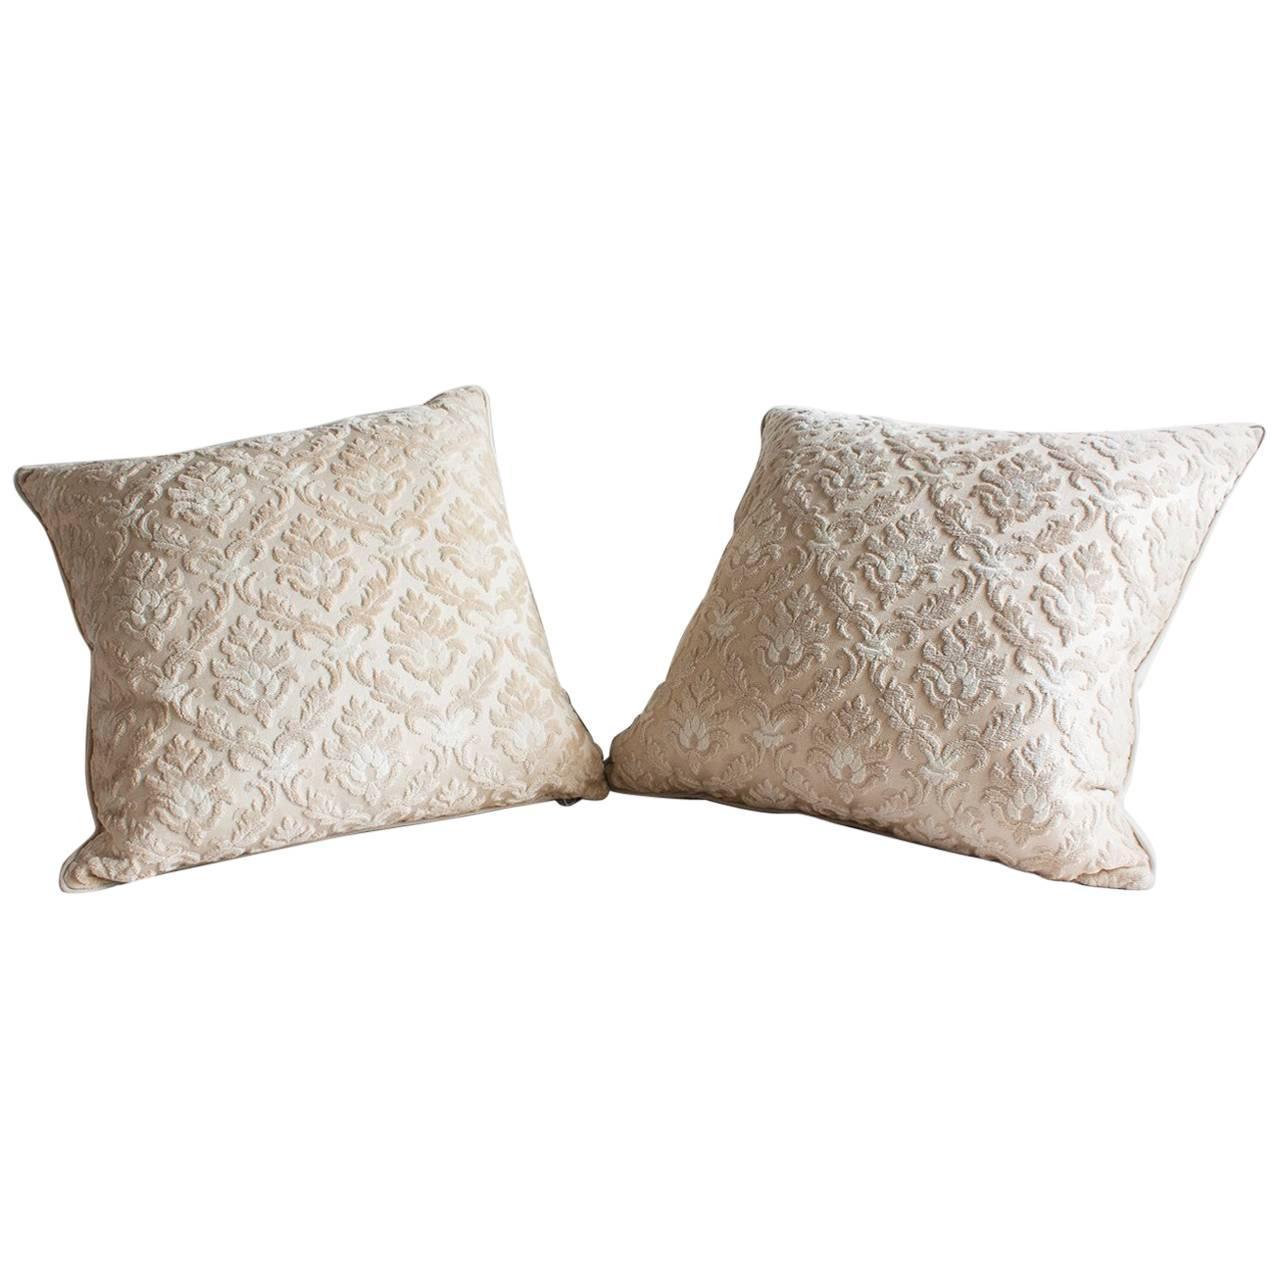 Pair of Louis XVI-style Throw Pillows